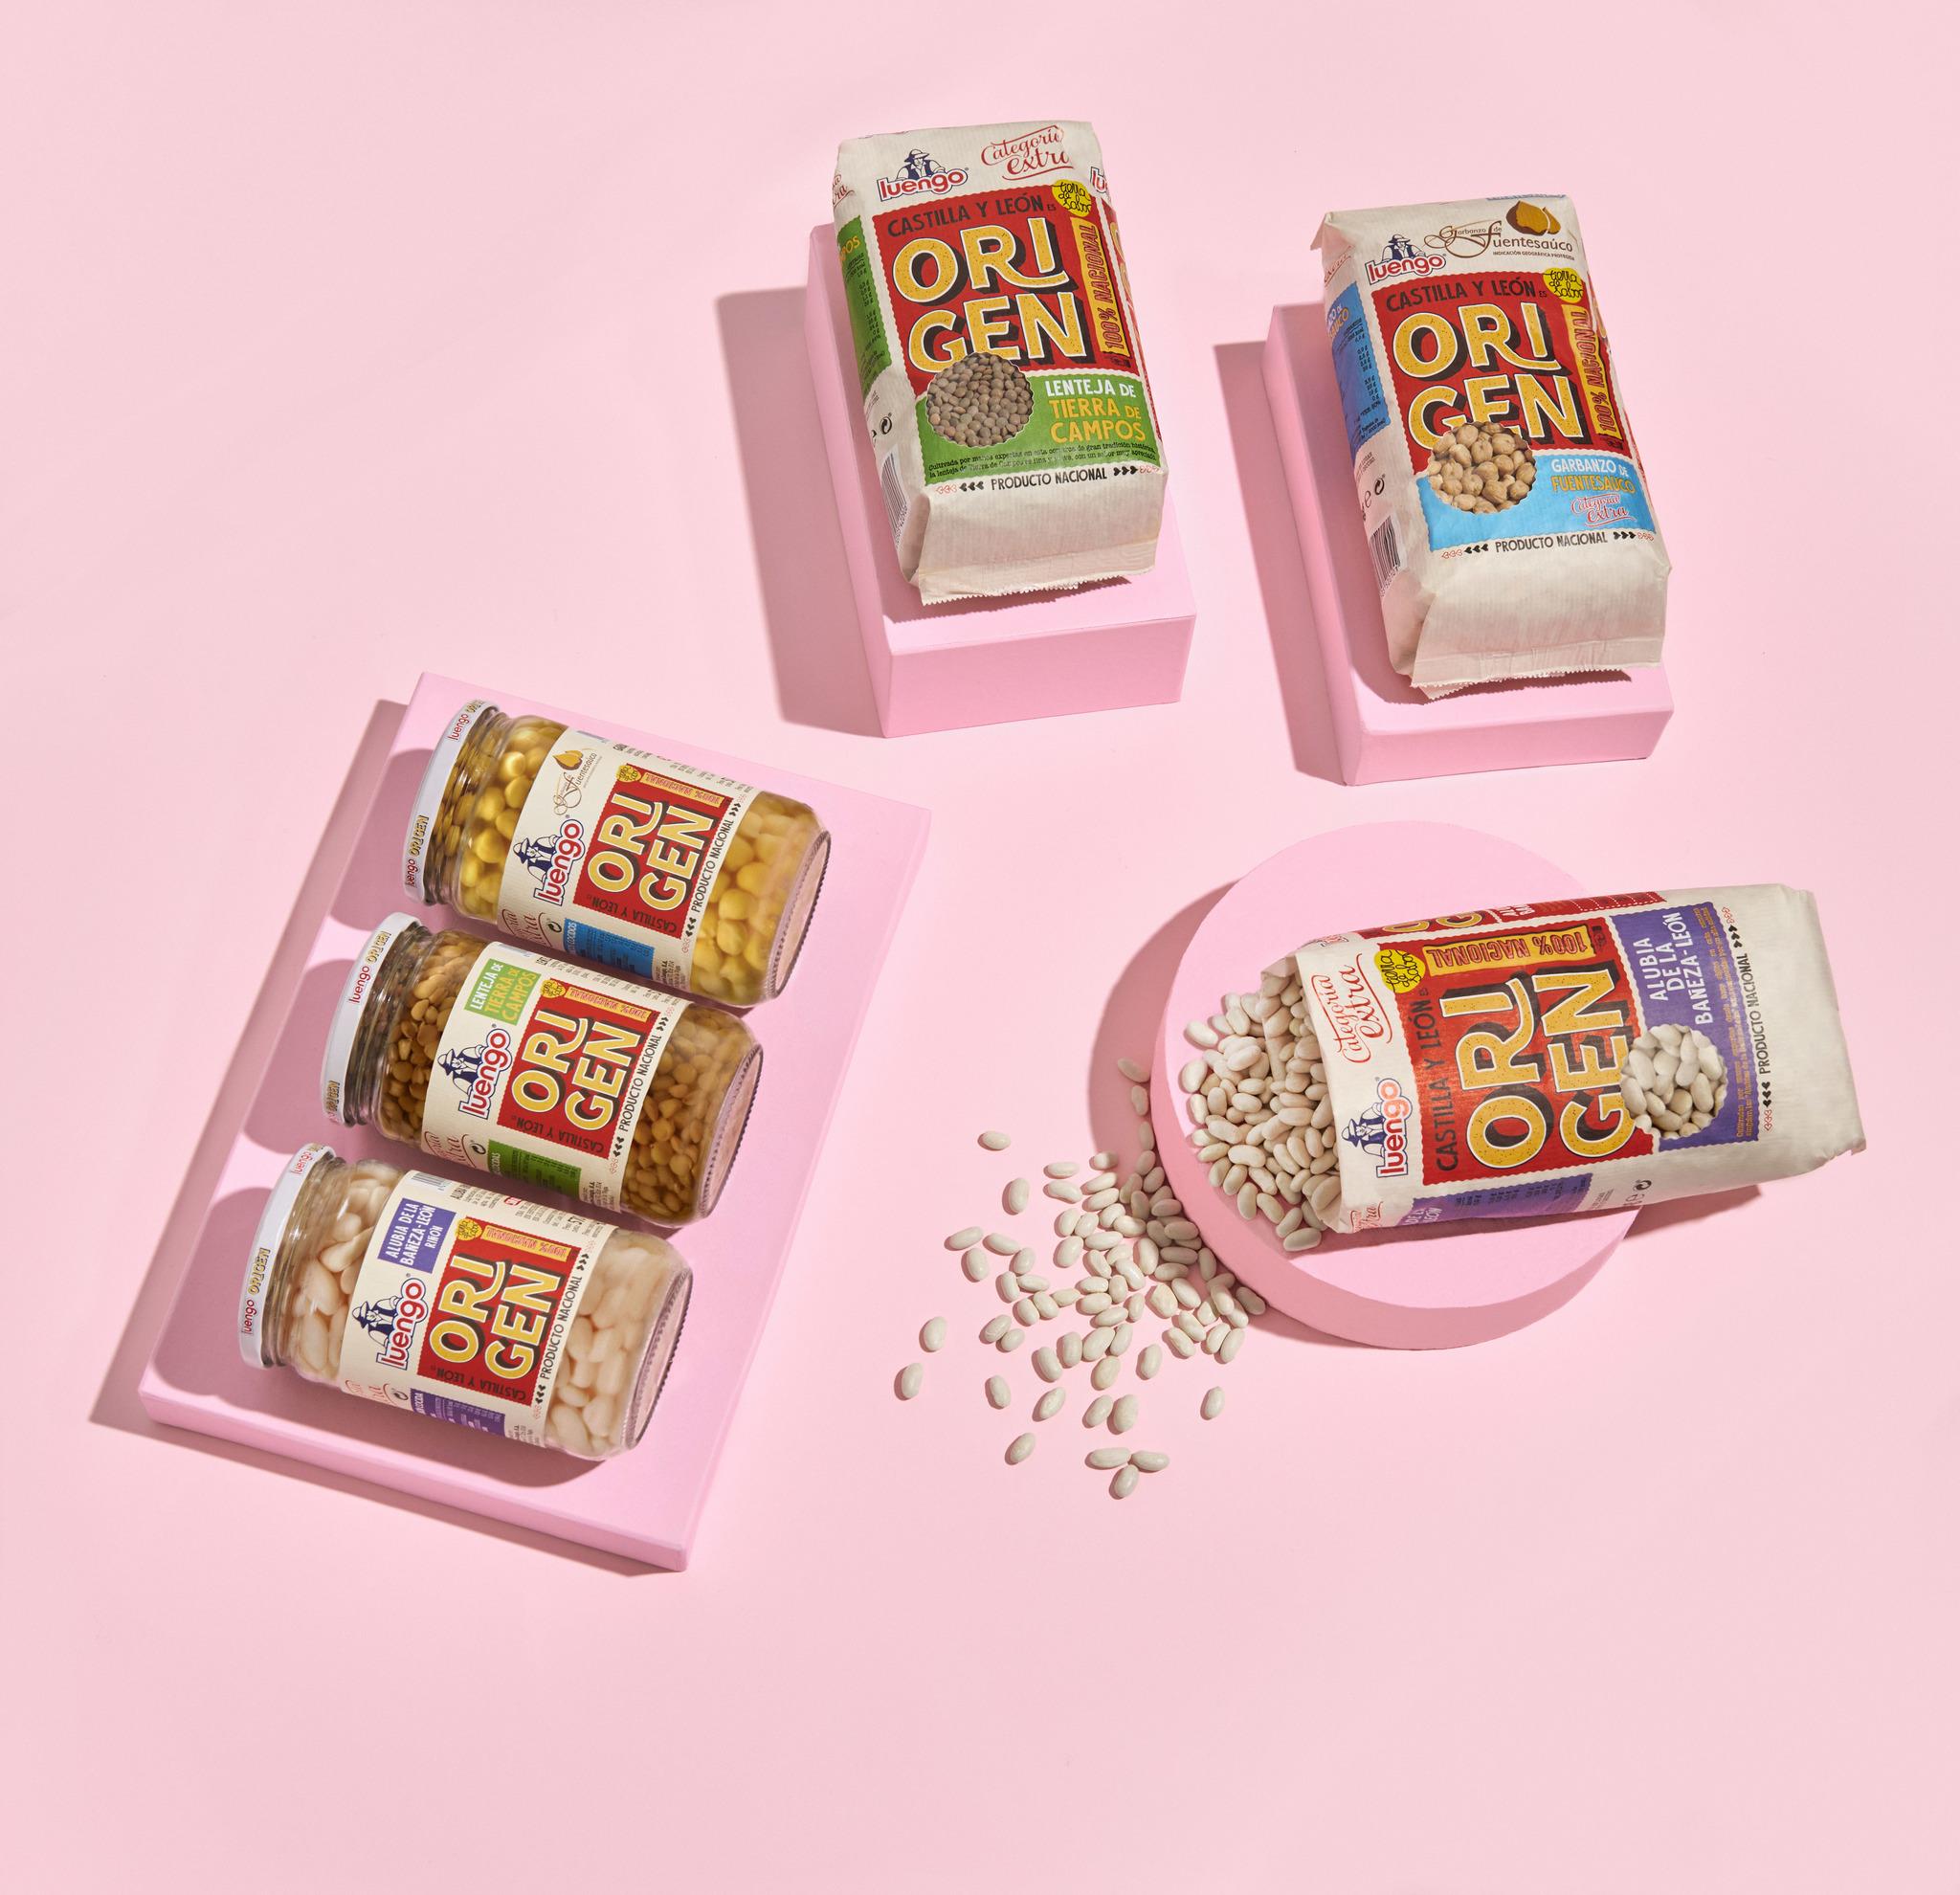 Nuevo packaging más sostenible introduciendo el uso de papel en los paquetes en seco y nuevo tarro ancho para facilitar el vaciado en los cocidos.